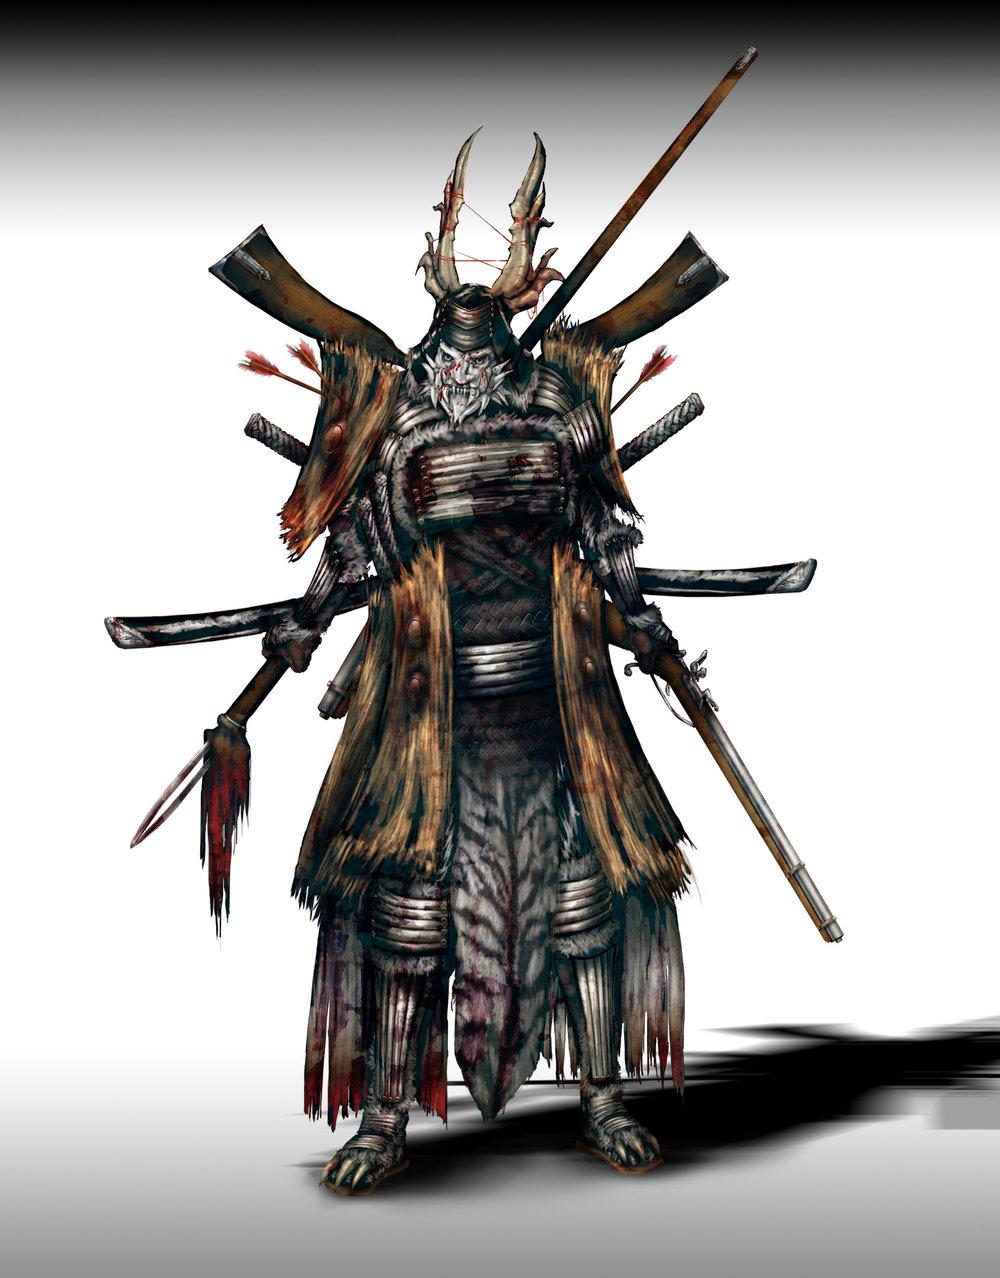 Samurai, Final